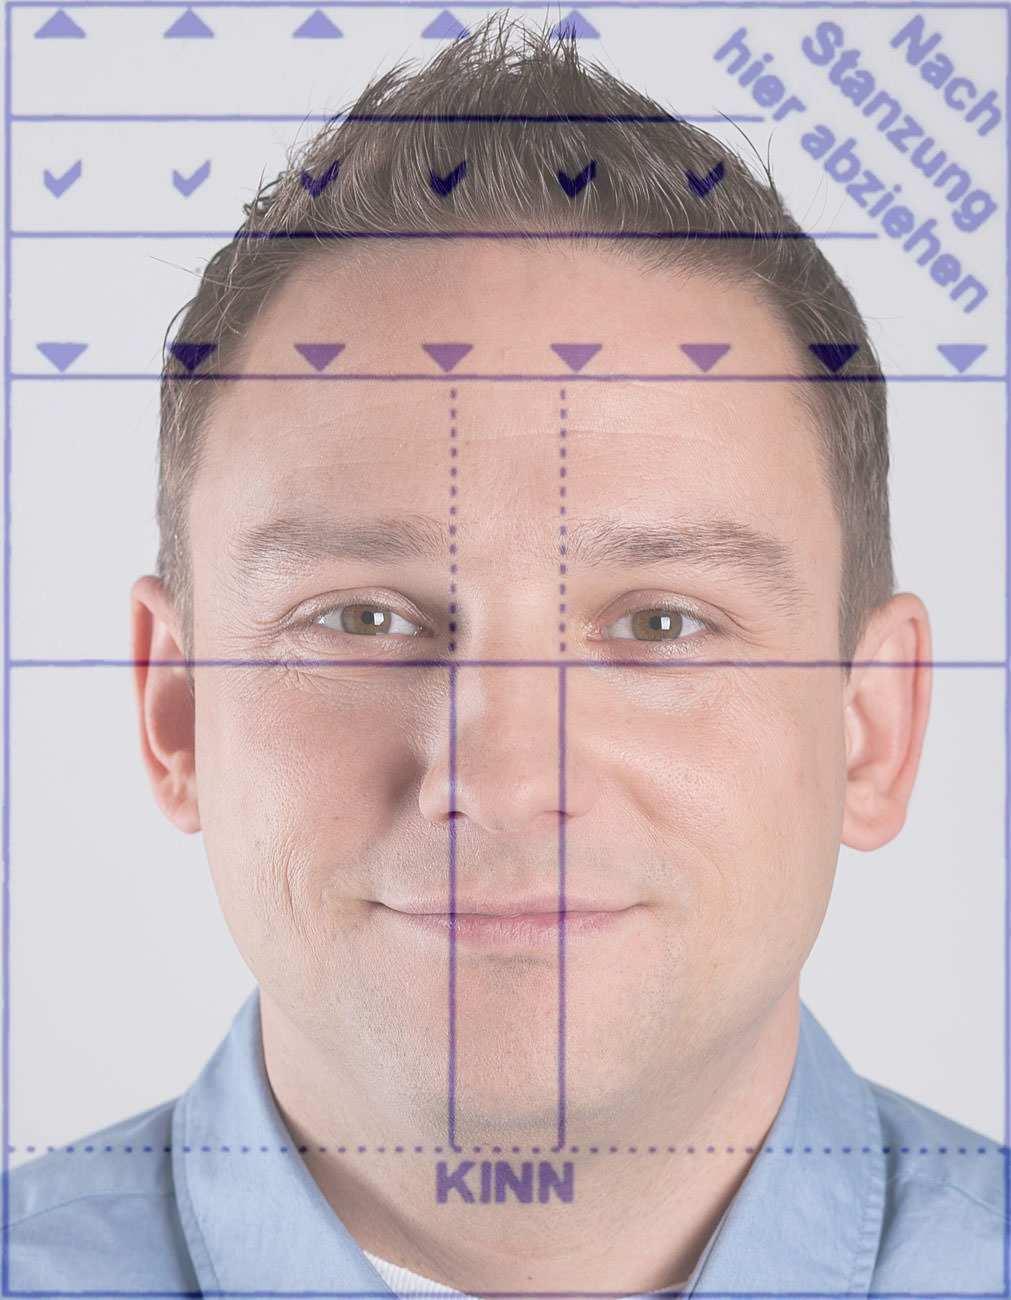 Biometrisches Passbild Mit Vorlagen Schnell Druckfahig Machen